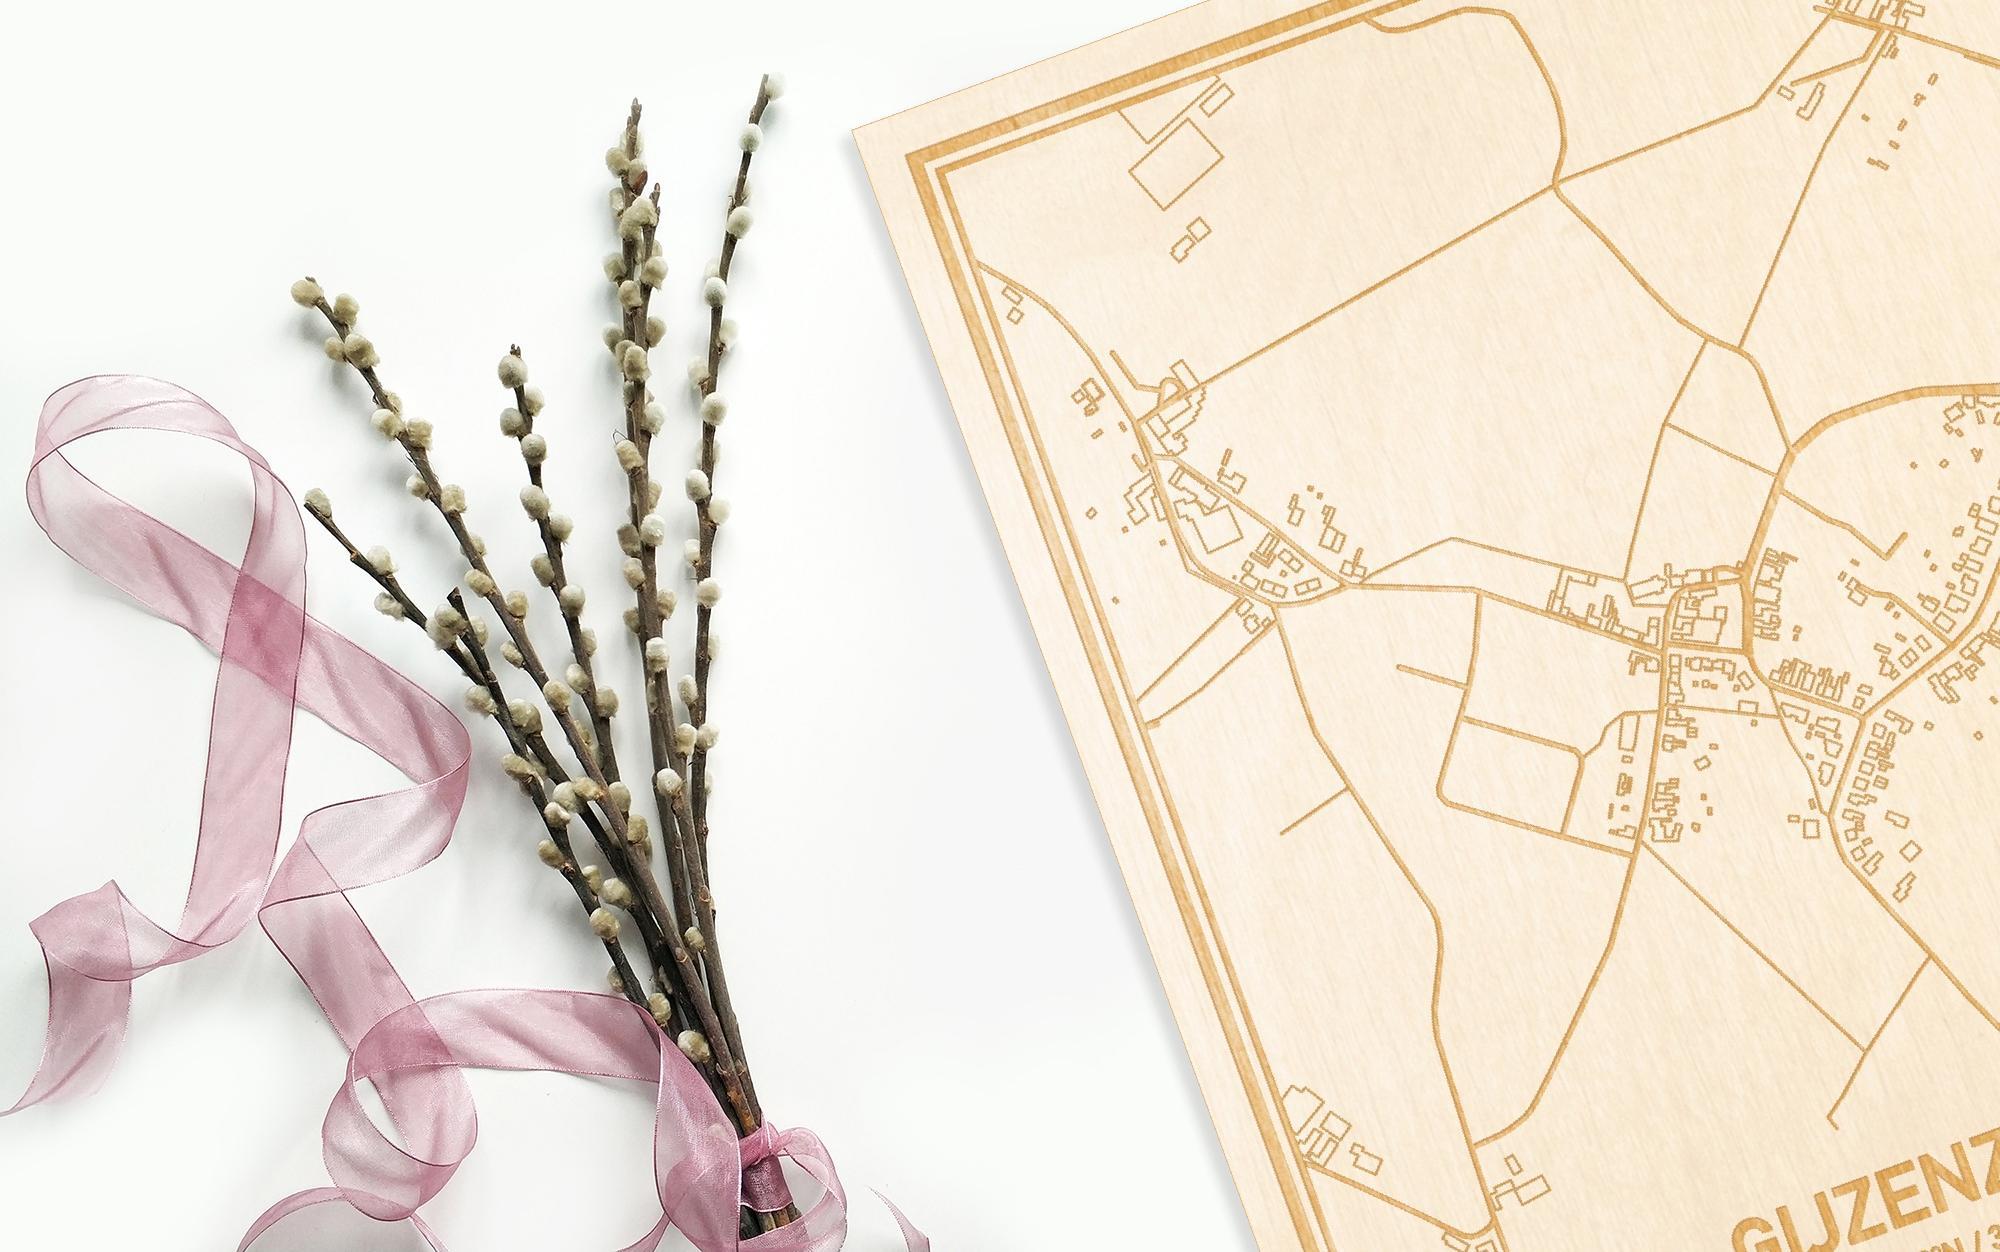 Hier ligt de houten plattegrond Gijzenzele naast een bloemetje als gepersonaliseerd cadeau voor haar.